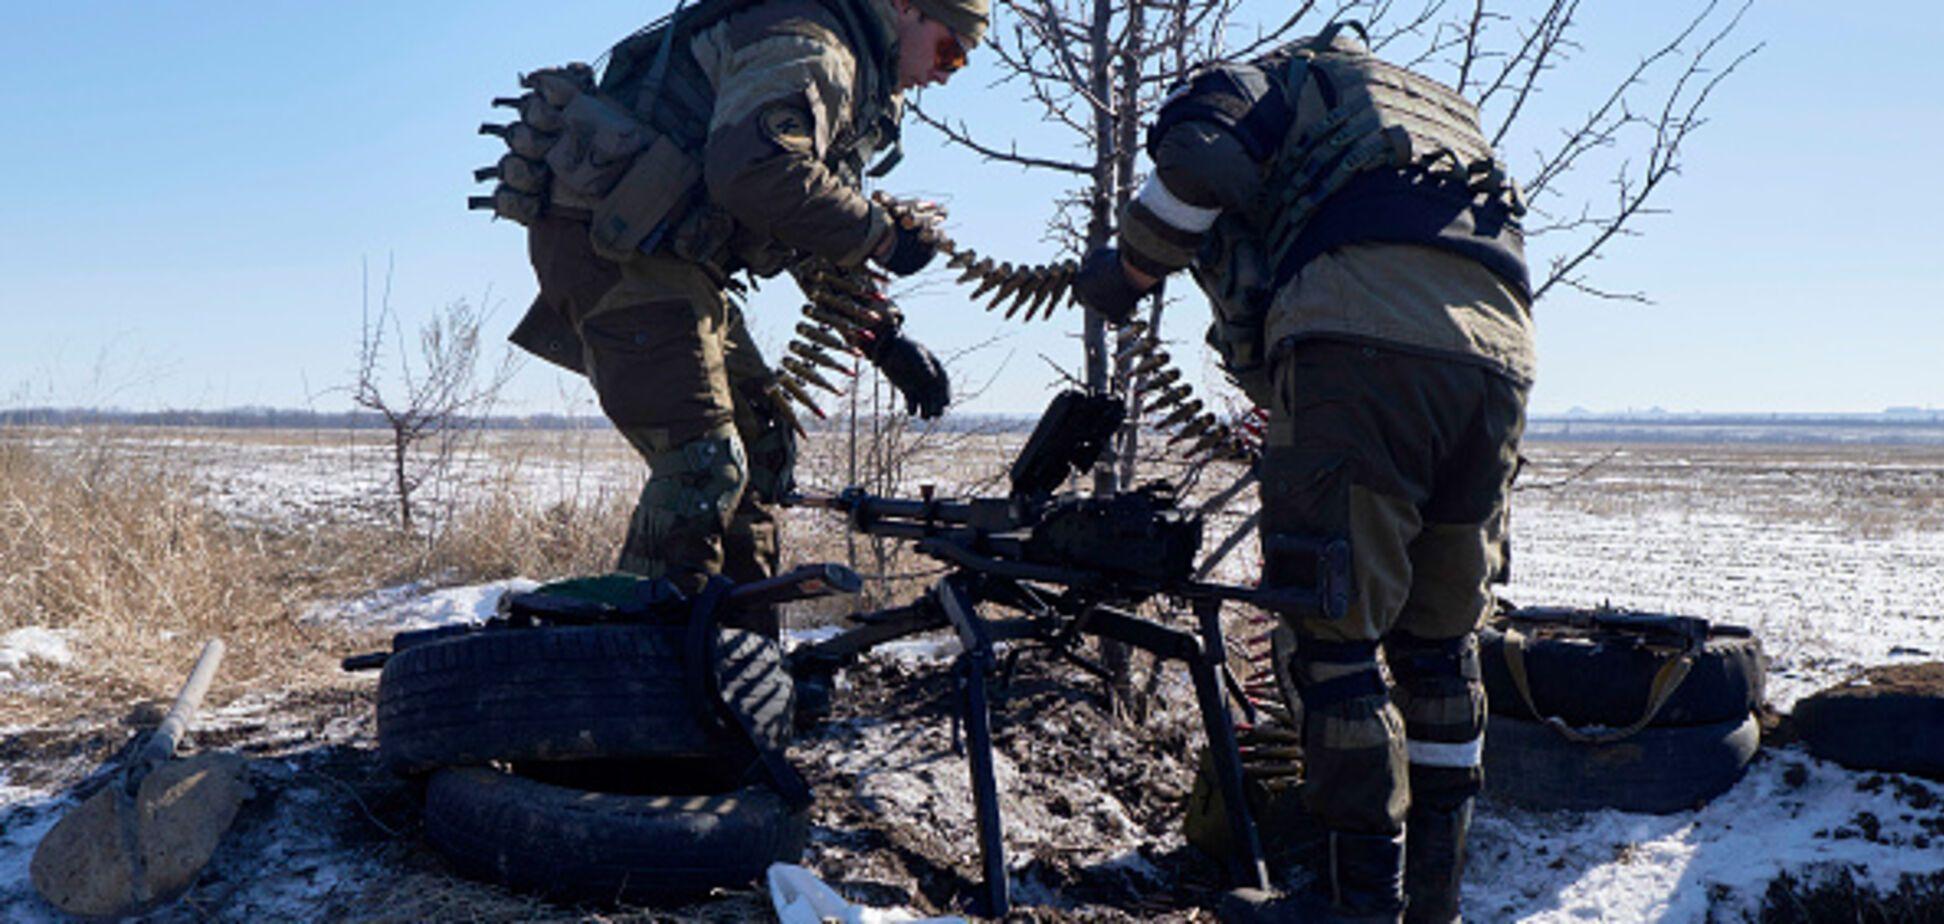 'Спалились': в Донецке заметили российских кураторов террористов